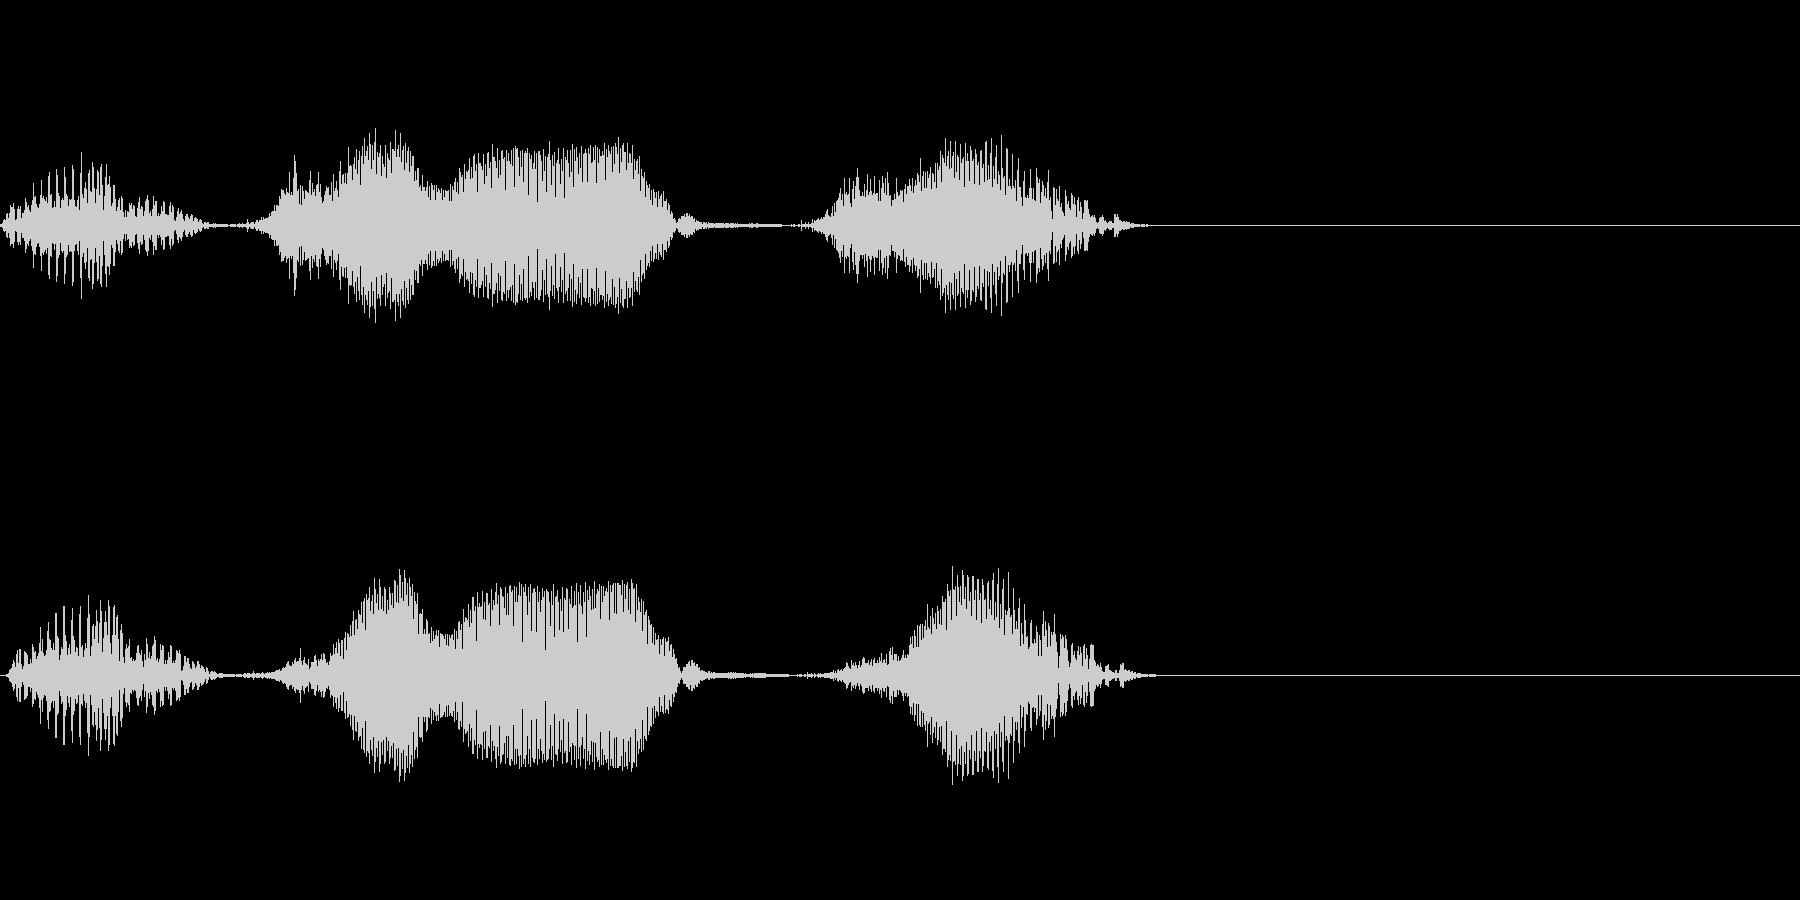 1日(いちにち)(effect)の未再生の波形